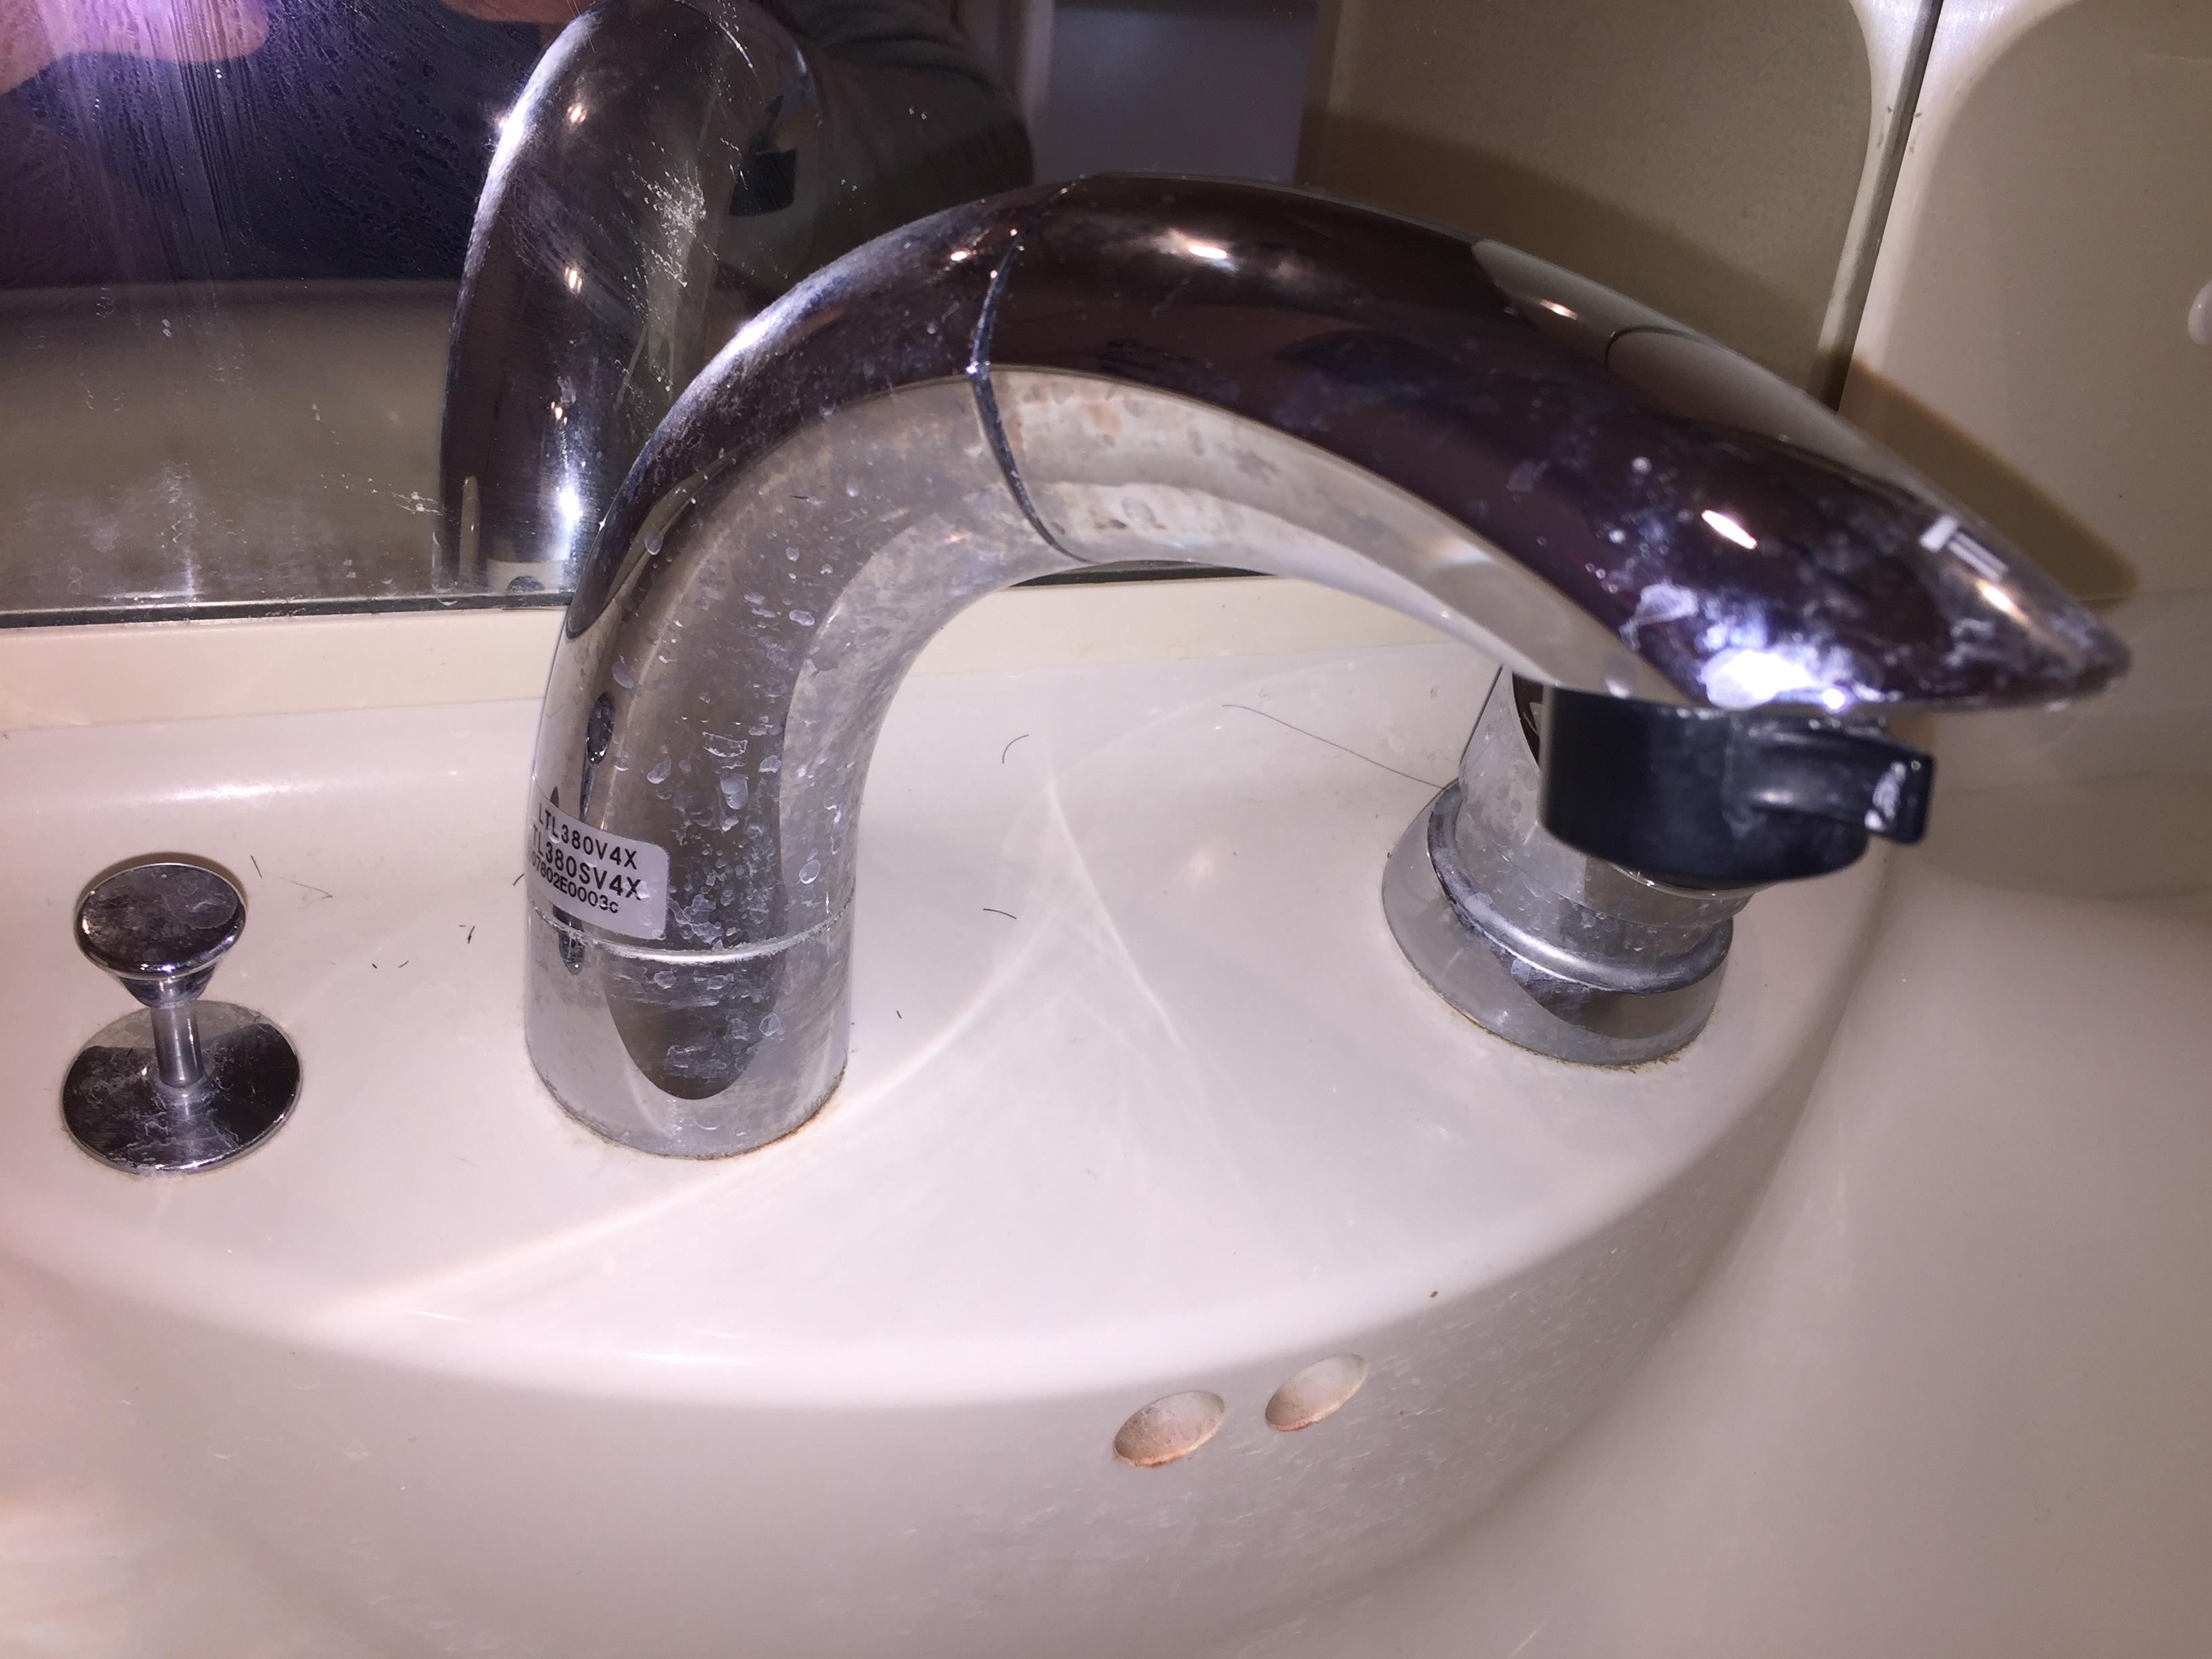 シャワー水栓 ・プロの洗面所クリーニングは、おそうじプラスにおまかせください!